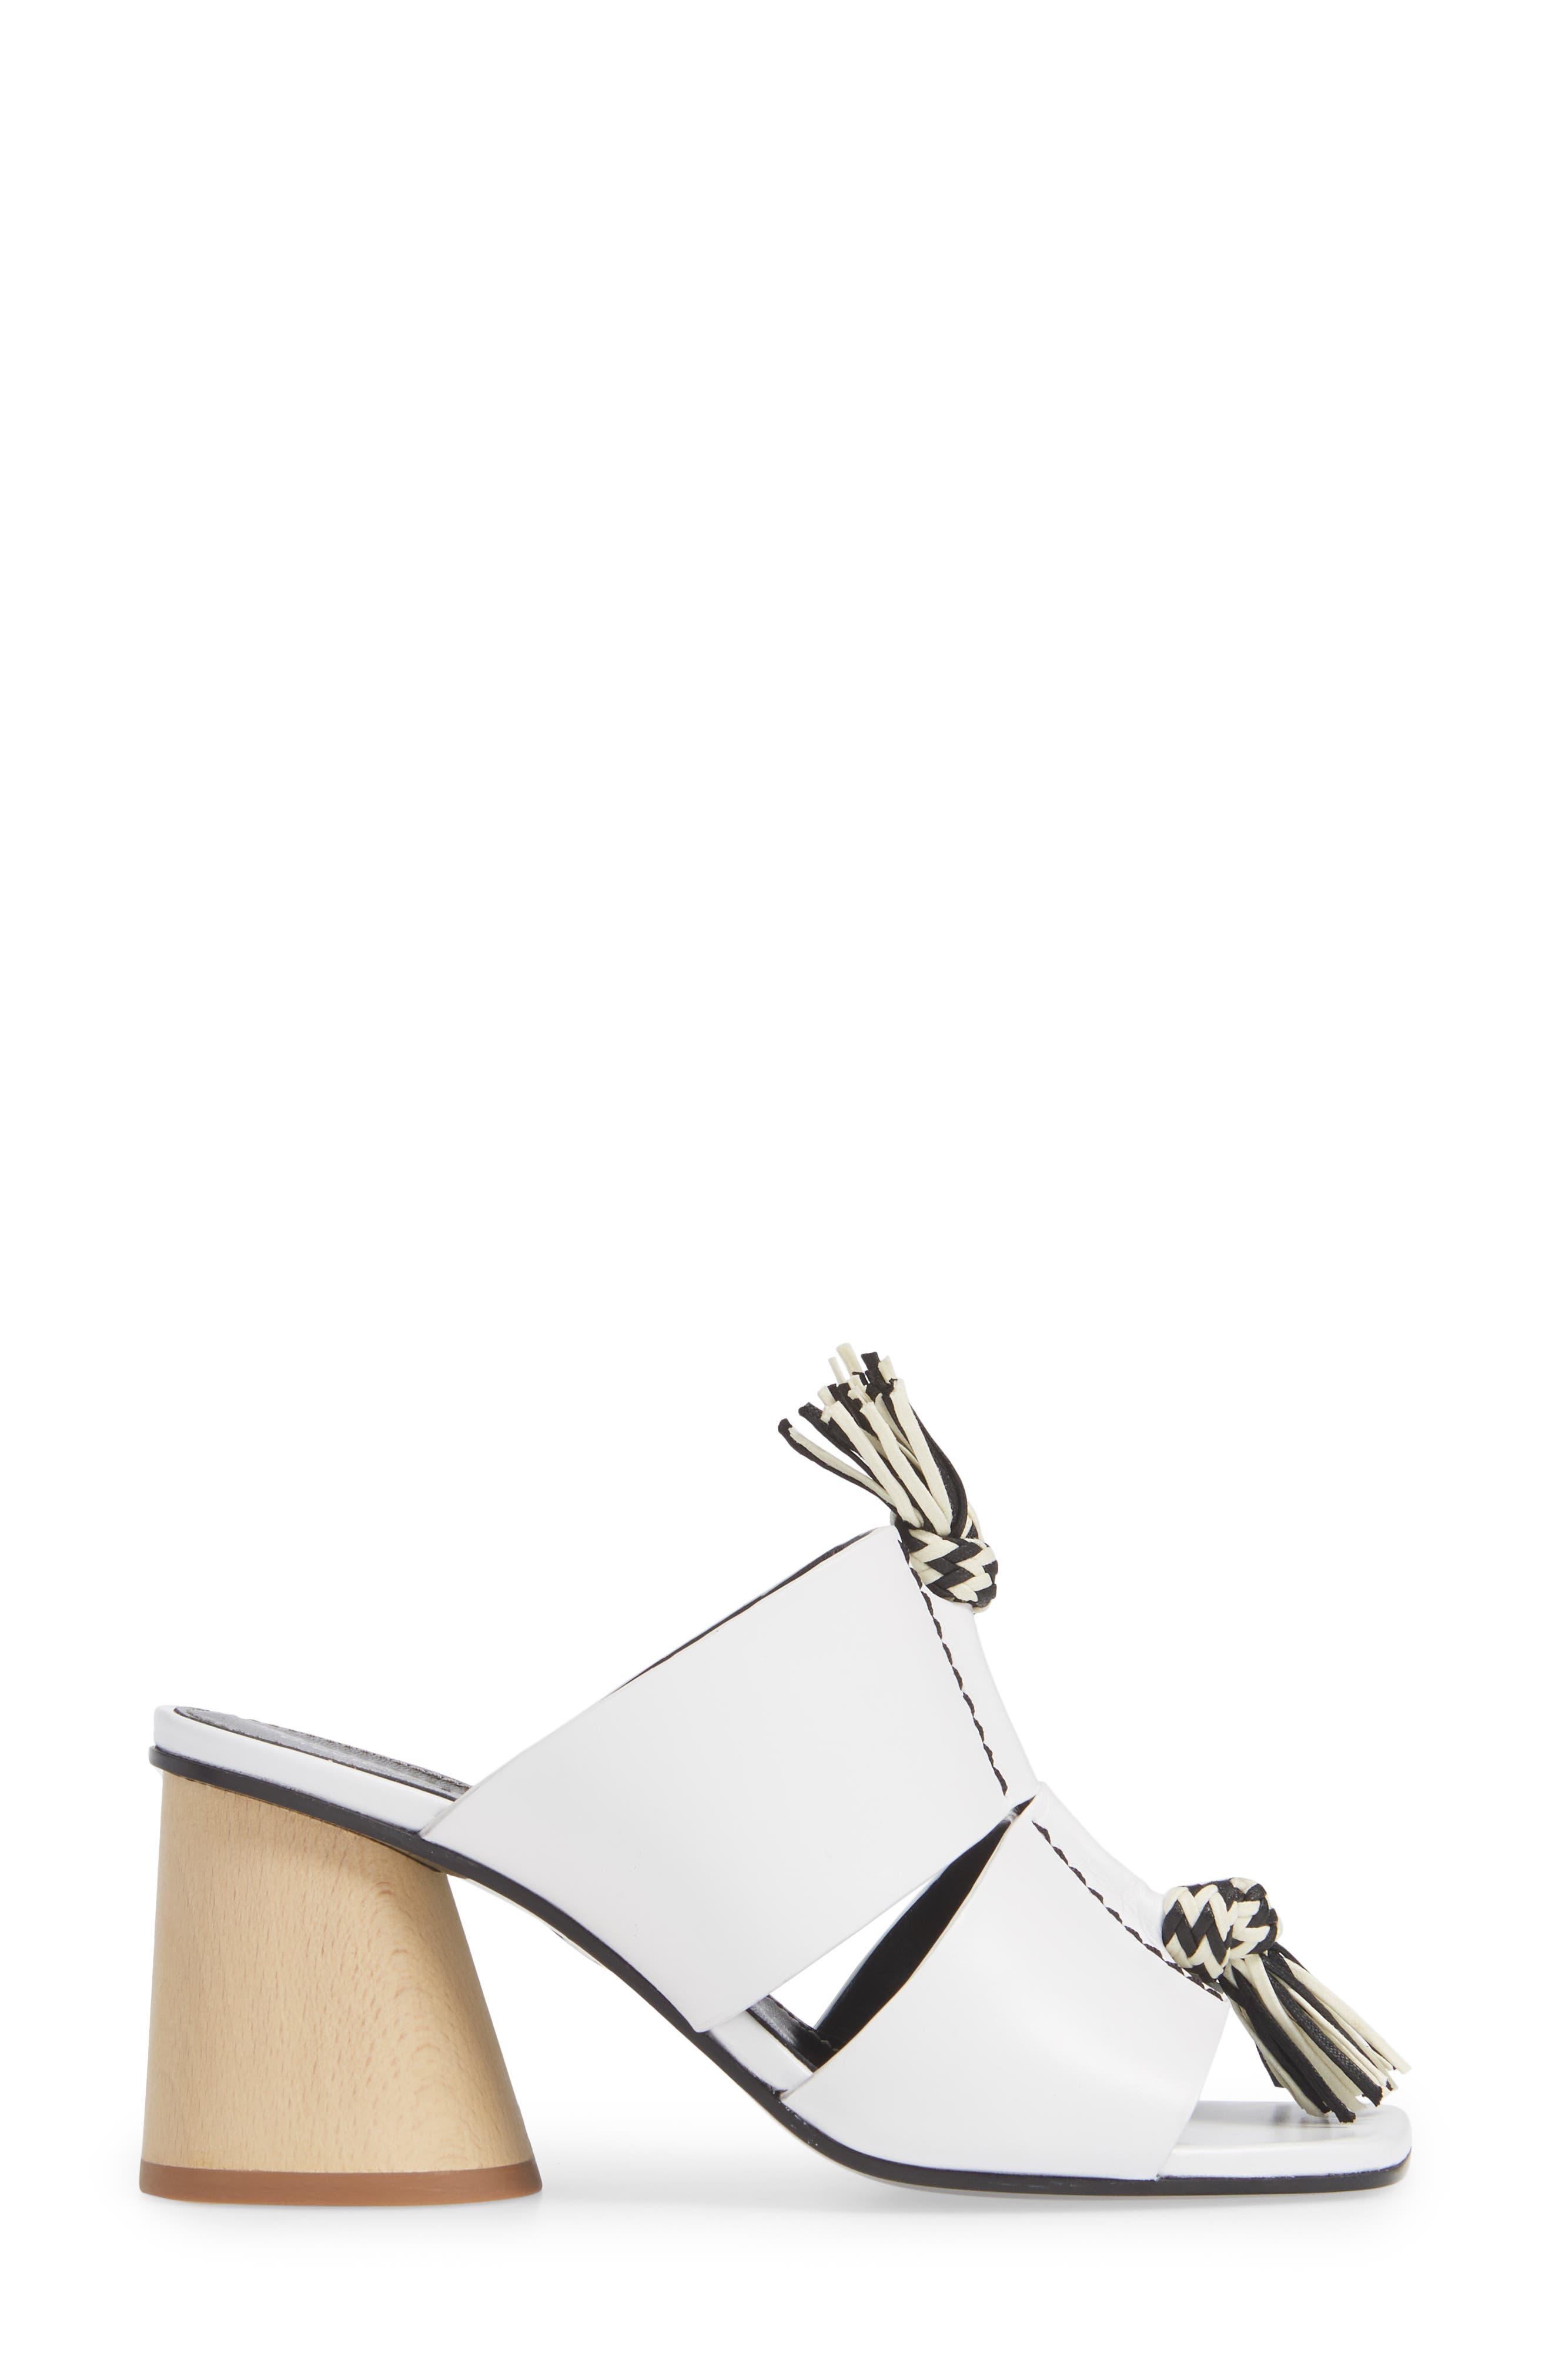 PROENZA SCHOULER, Cylinder Heel Slide Sandal, Alternate thumbnail 3, color, WHITE